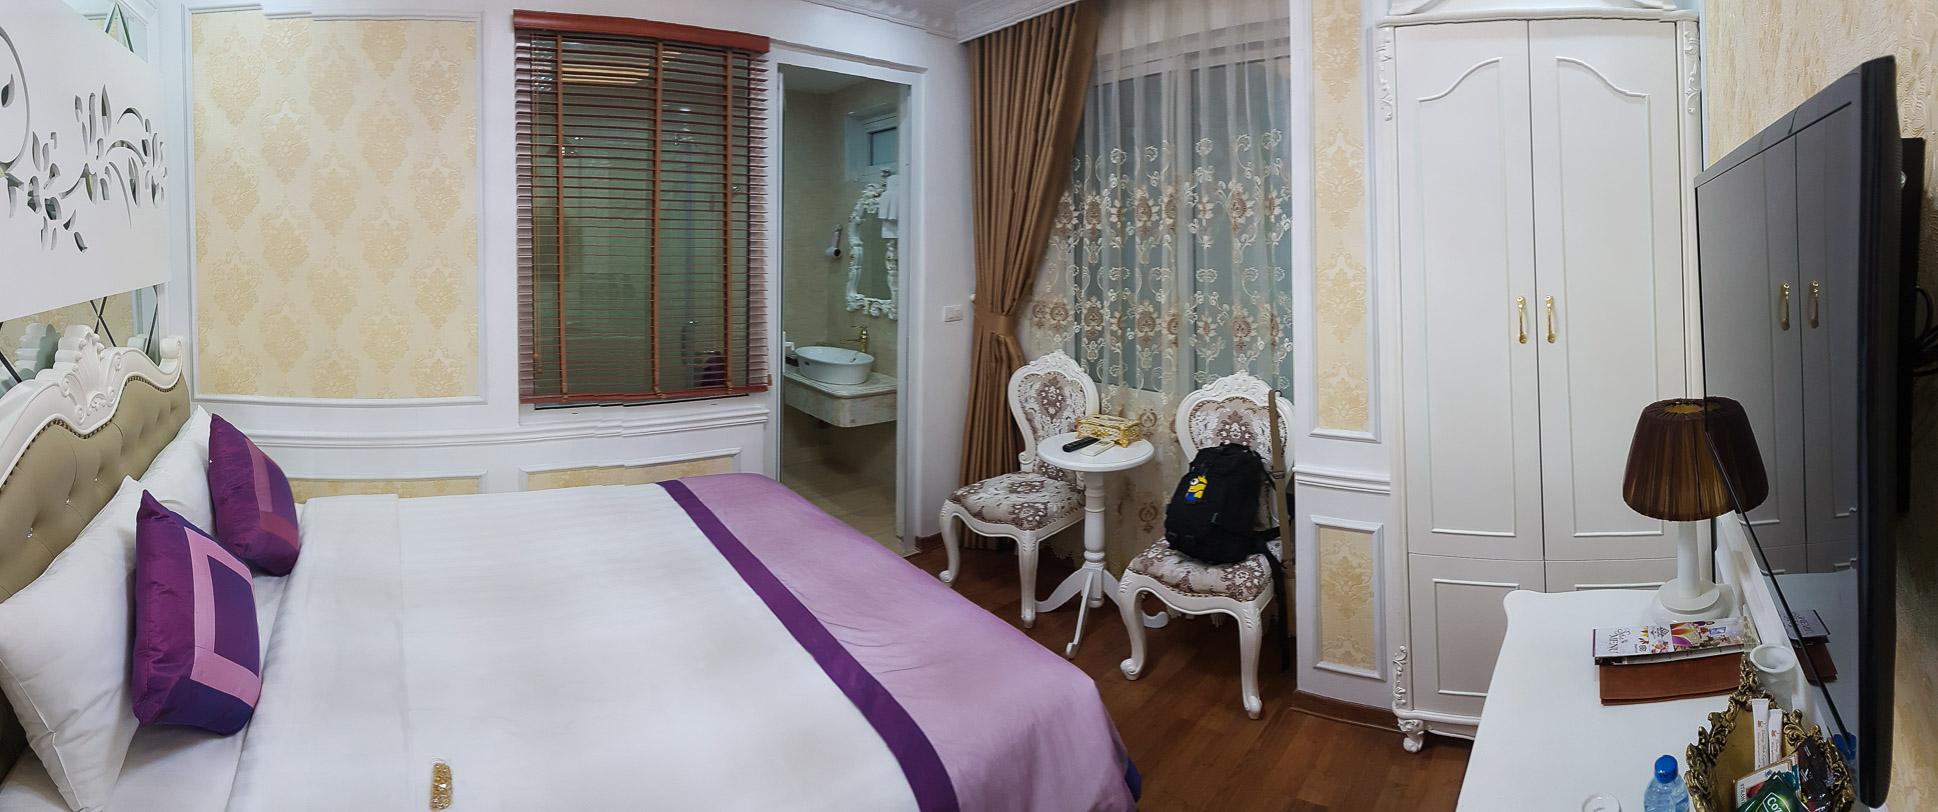 hoteles en vietnam y camboya